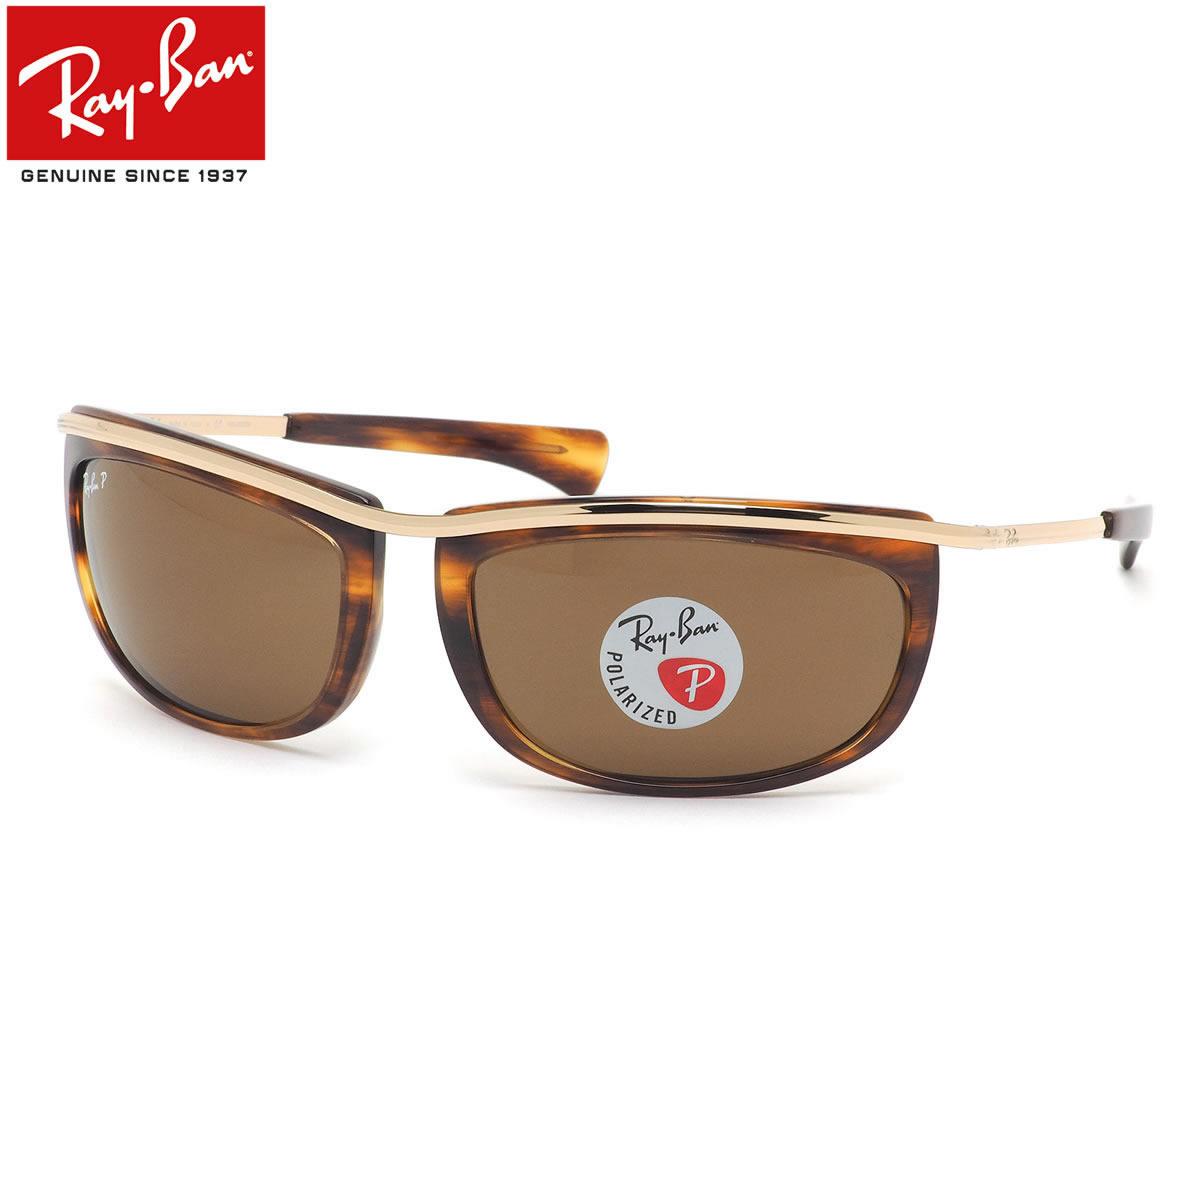 Ray-Ban レイバン サングラス RB2319 954/57 62サイズ OLYMPIAN I オリンピアン1 レクタングル 偏光レンズ べっ甲 デミ メンズ レディース